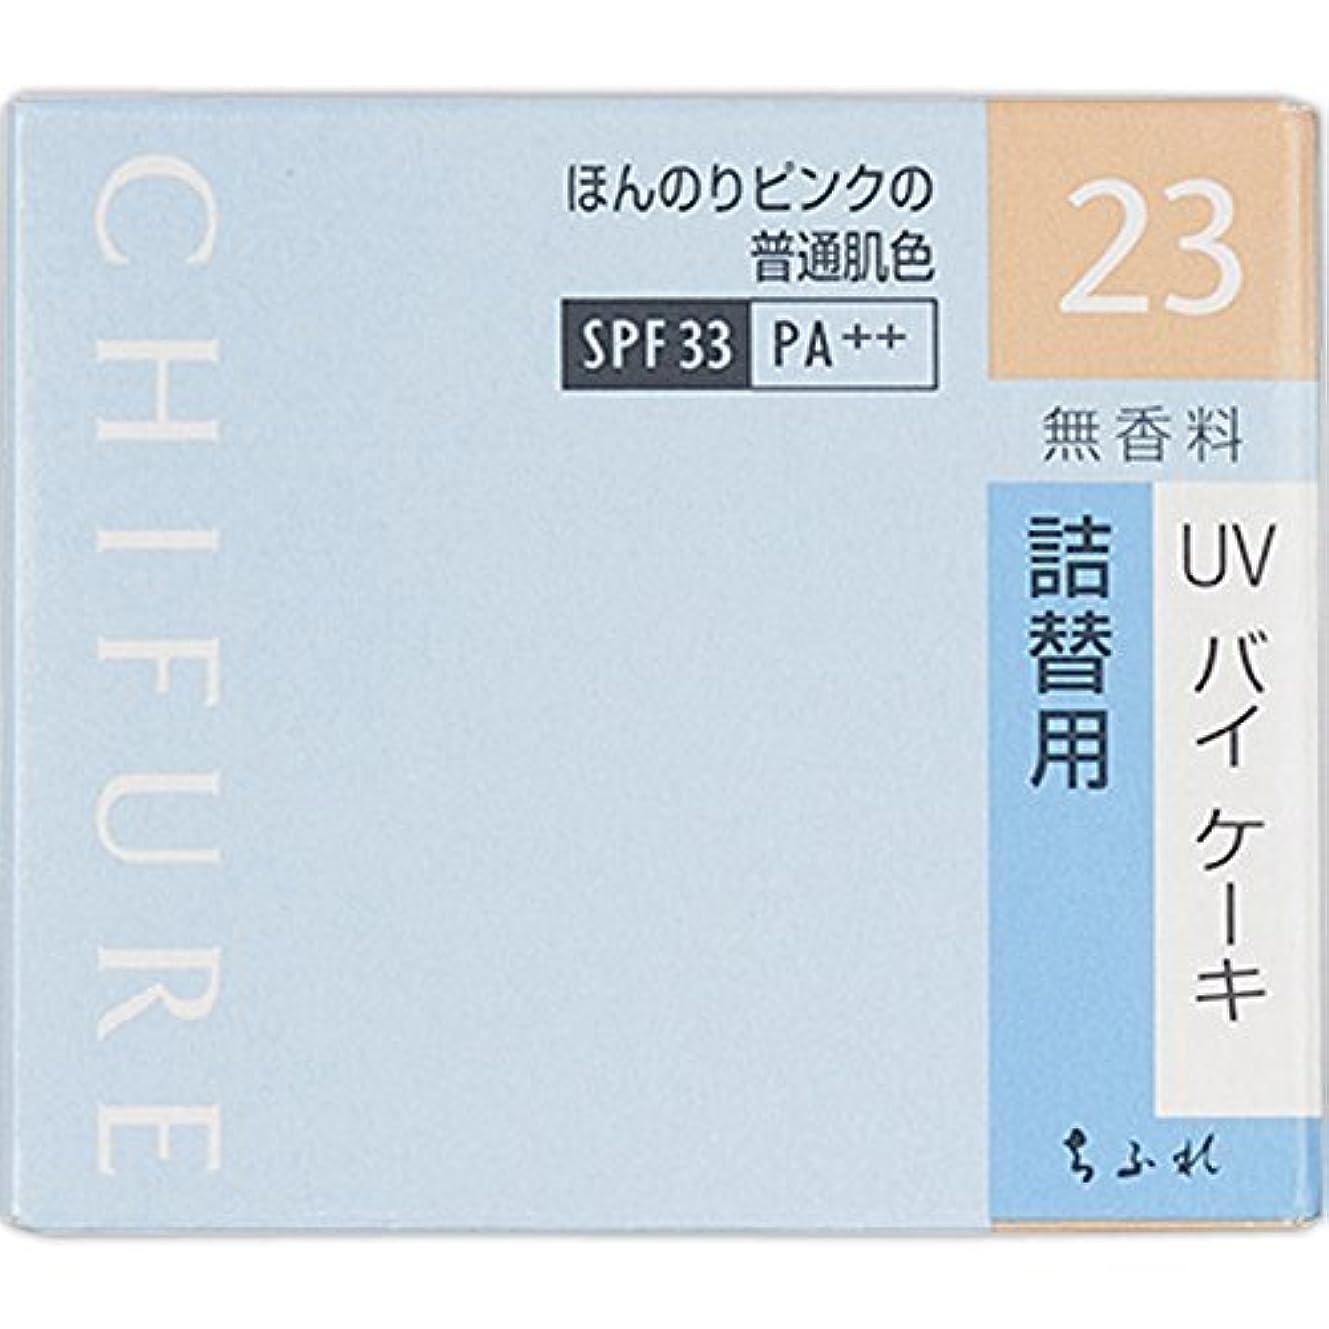 センサー大臣抵抗ちふれ化粧品 UV バイ ケーキ 詰替用 23 ほんのりピンク普通肌色 14g